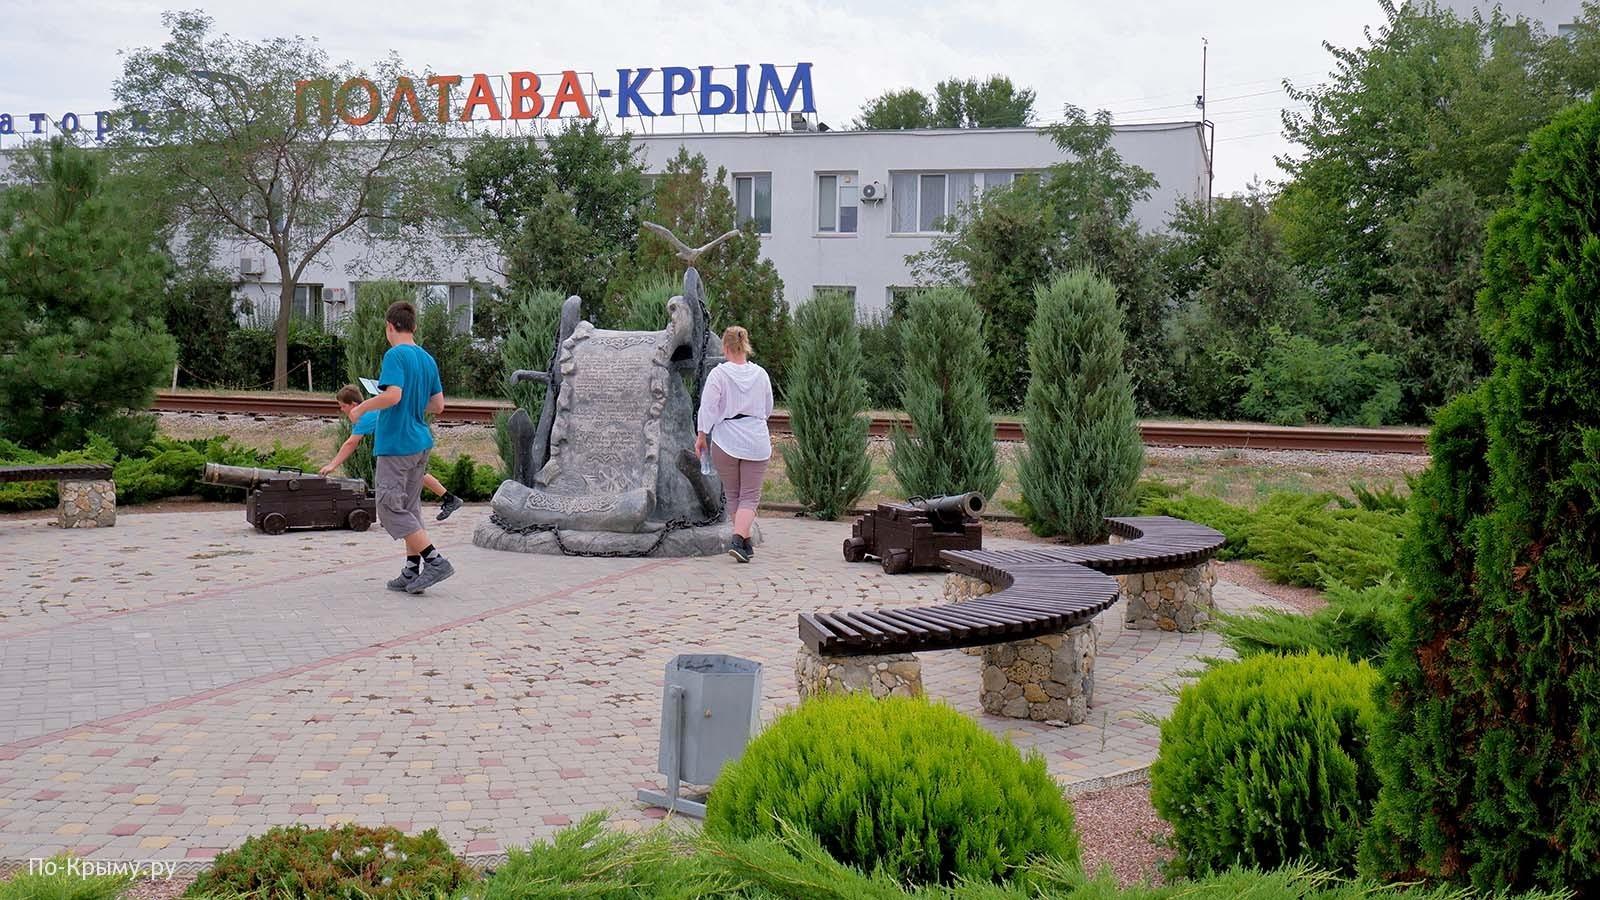 Город Саки, пляж Полтава-Крым № СА-06